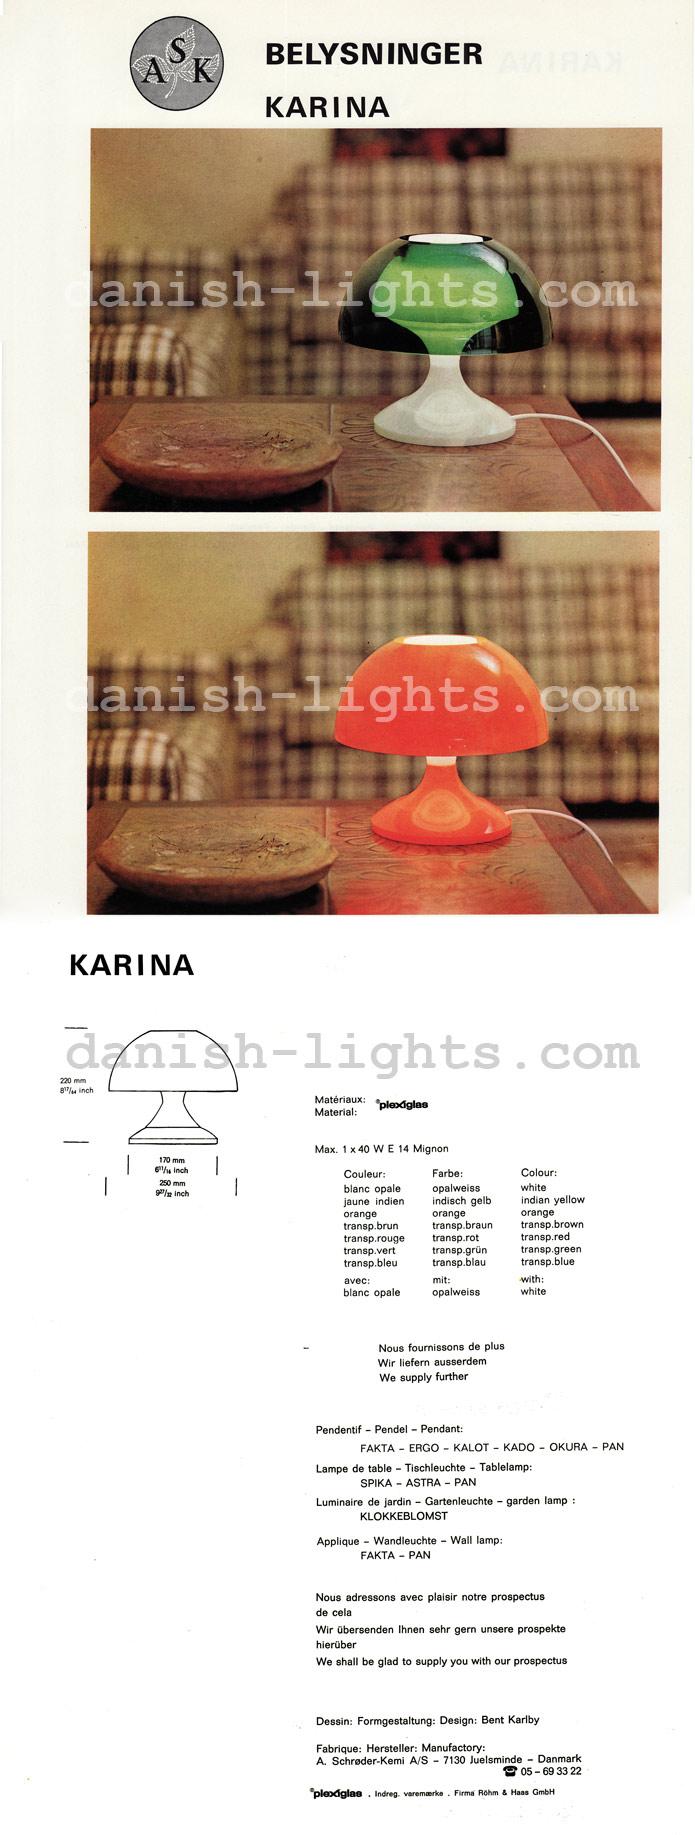 Bent Karlby for ASK Belysninger (A Schrøder Kemi): Karina